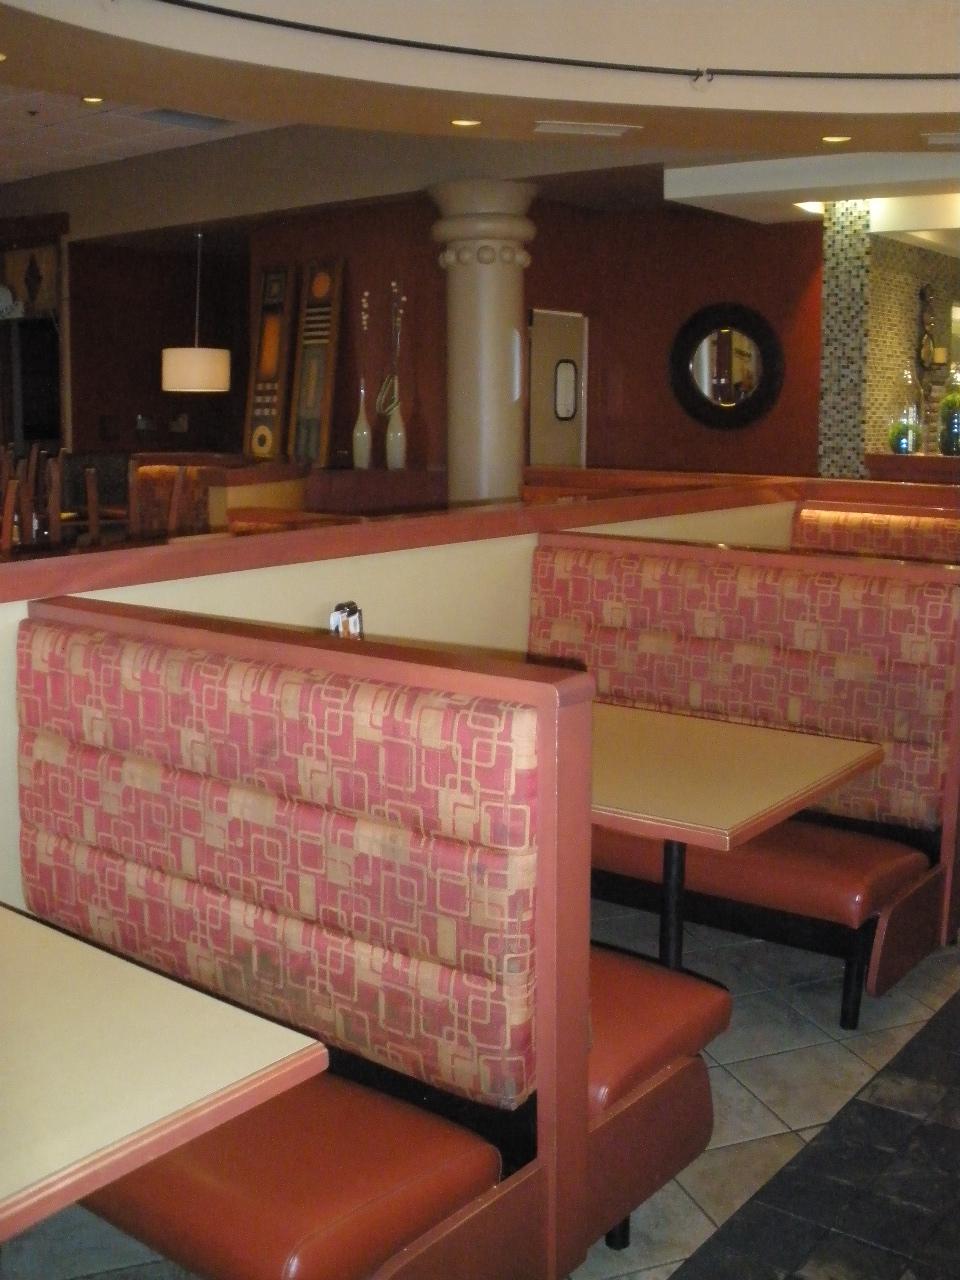 Rembourrage commercial, banquette d'un restaurant